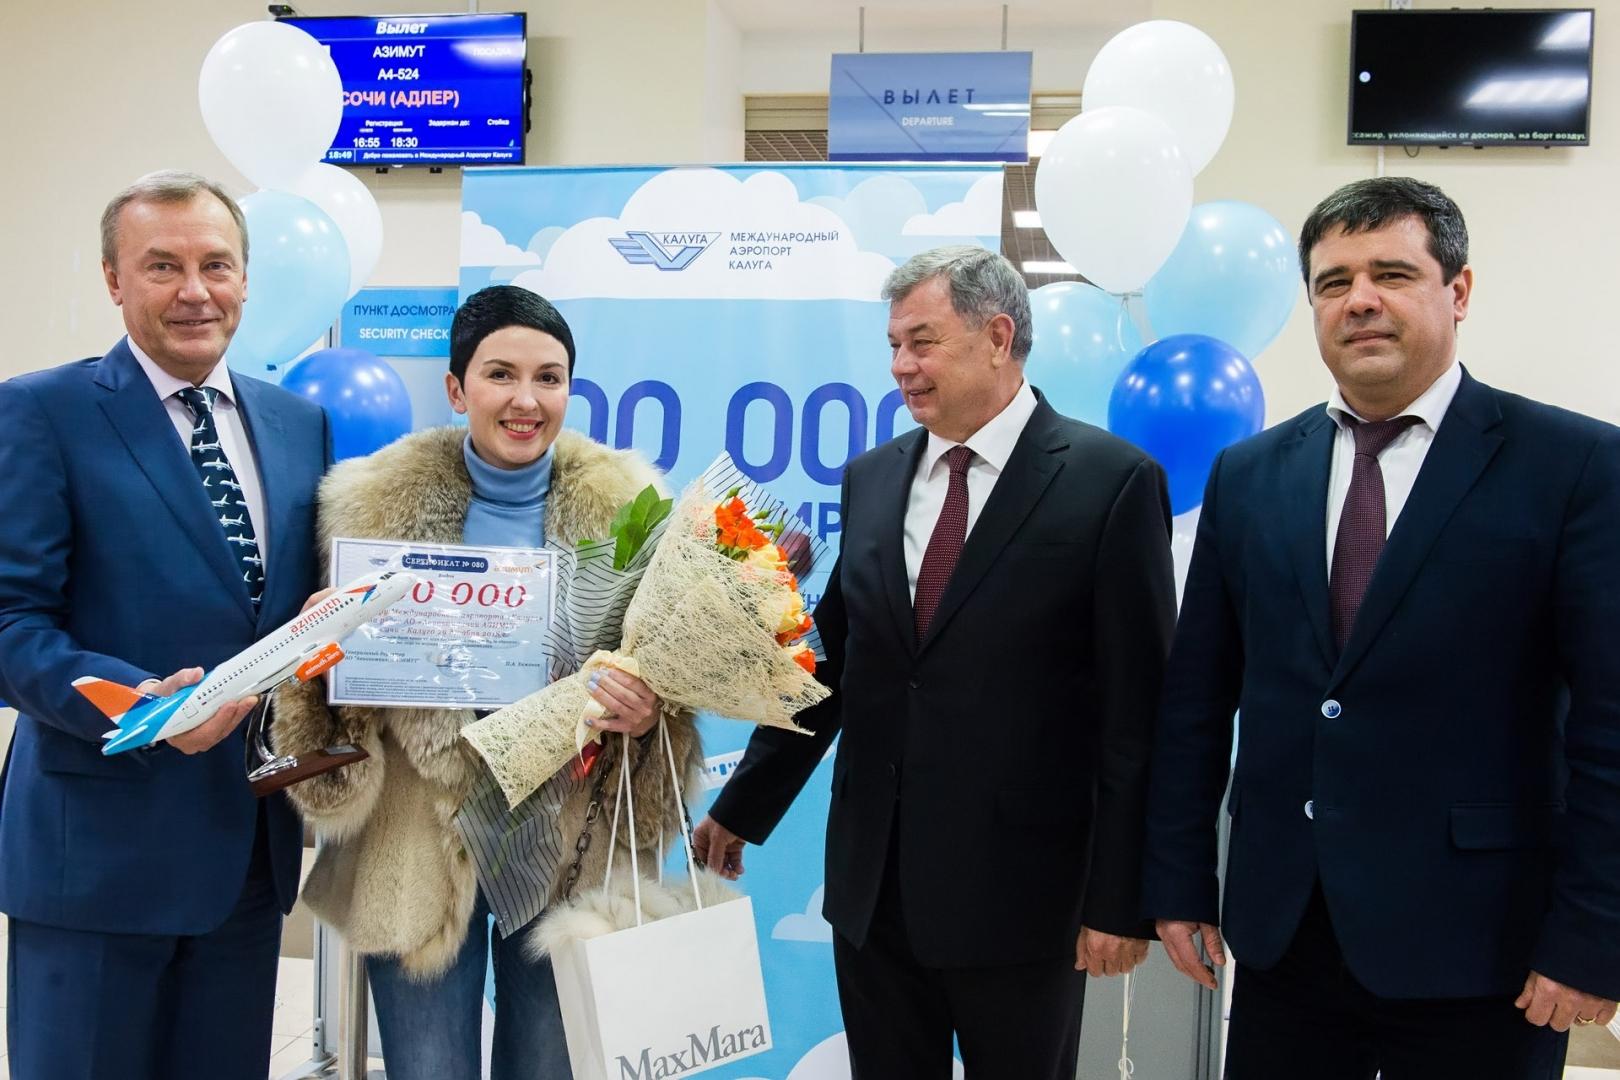 В Калуге торжественно встретили 100 тысячного пассажира Александру Калинину.